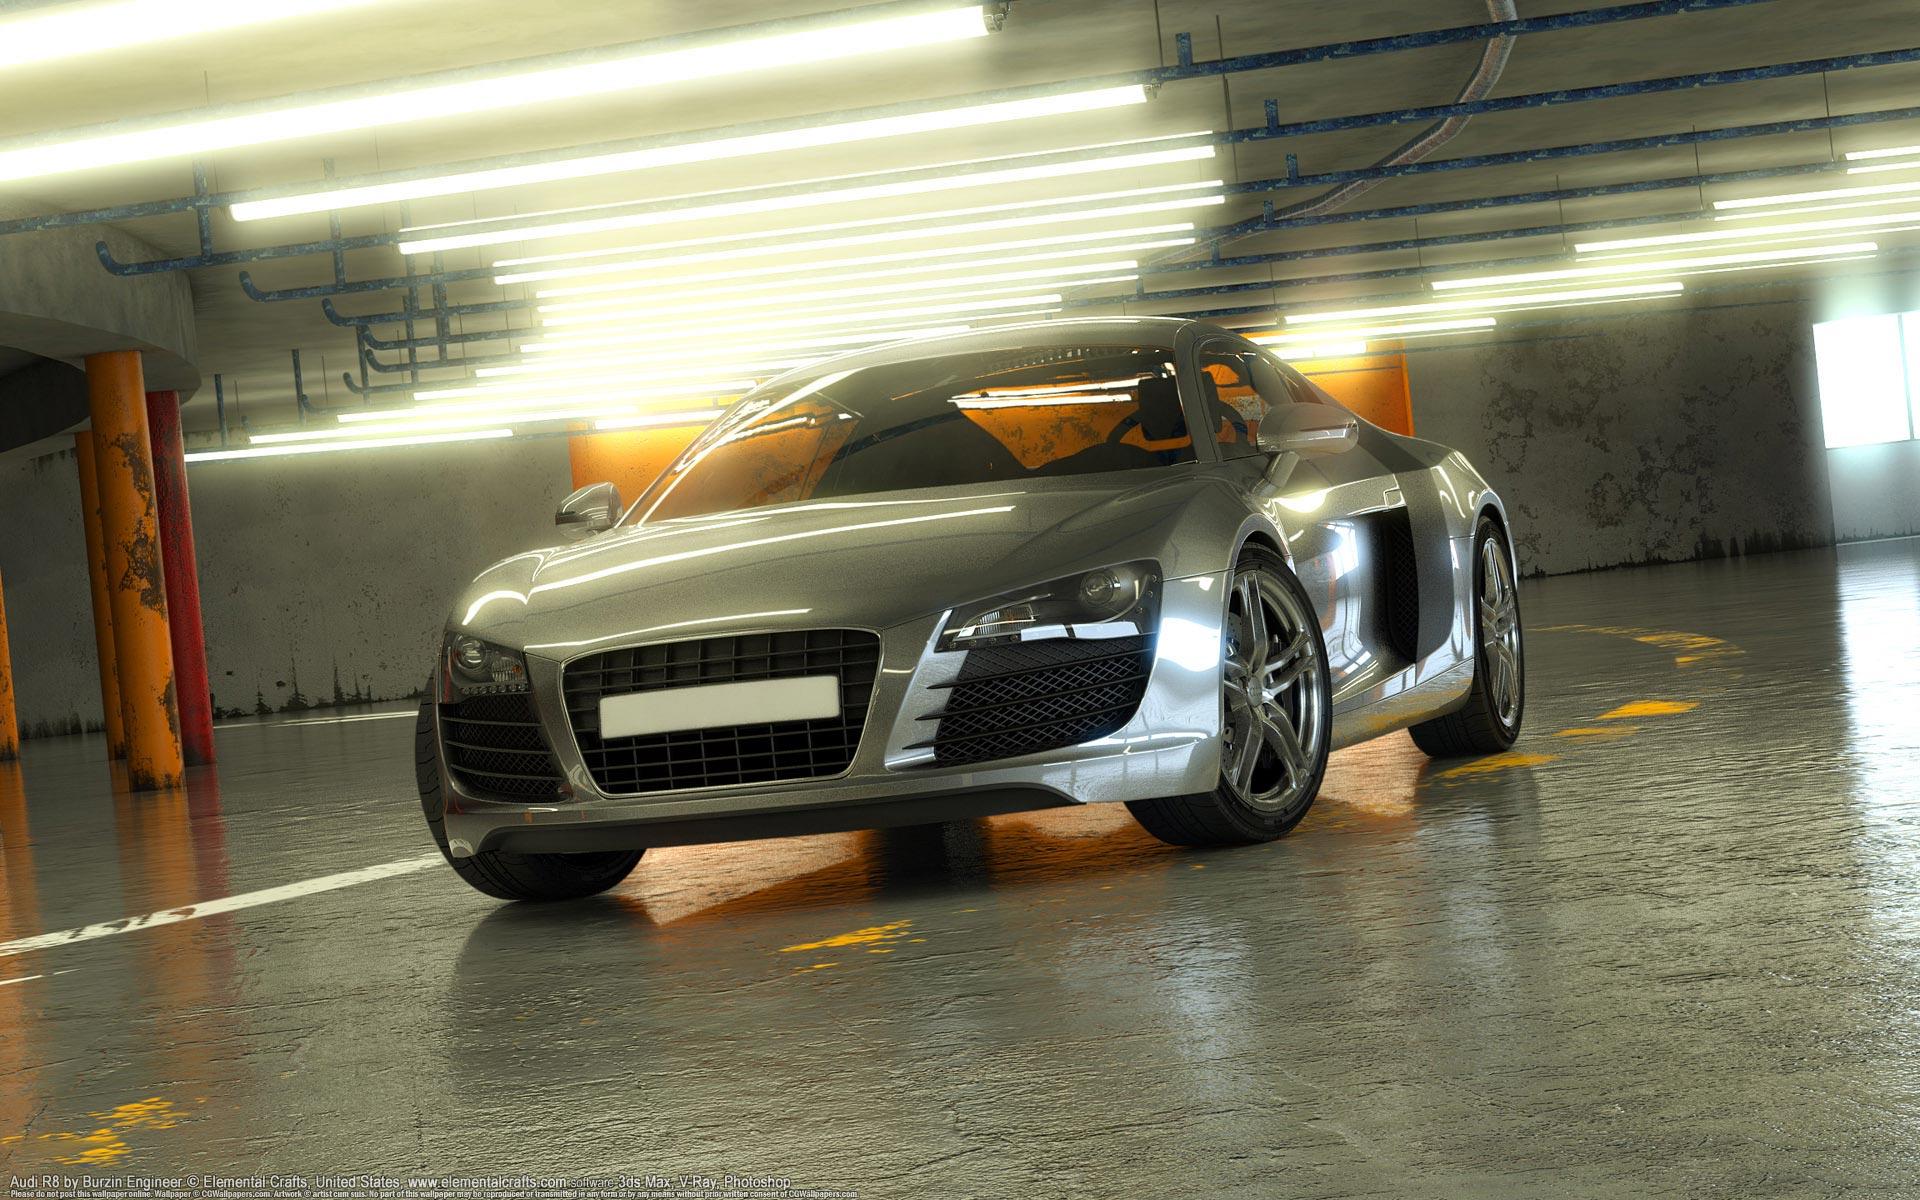 hot car 3d wallpaper - photo #12